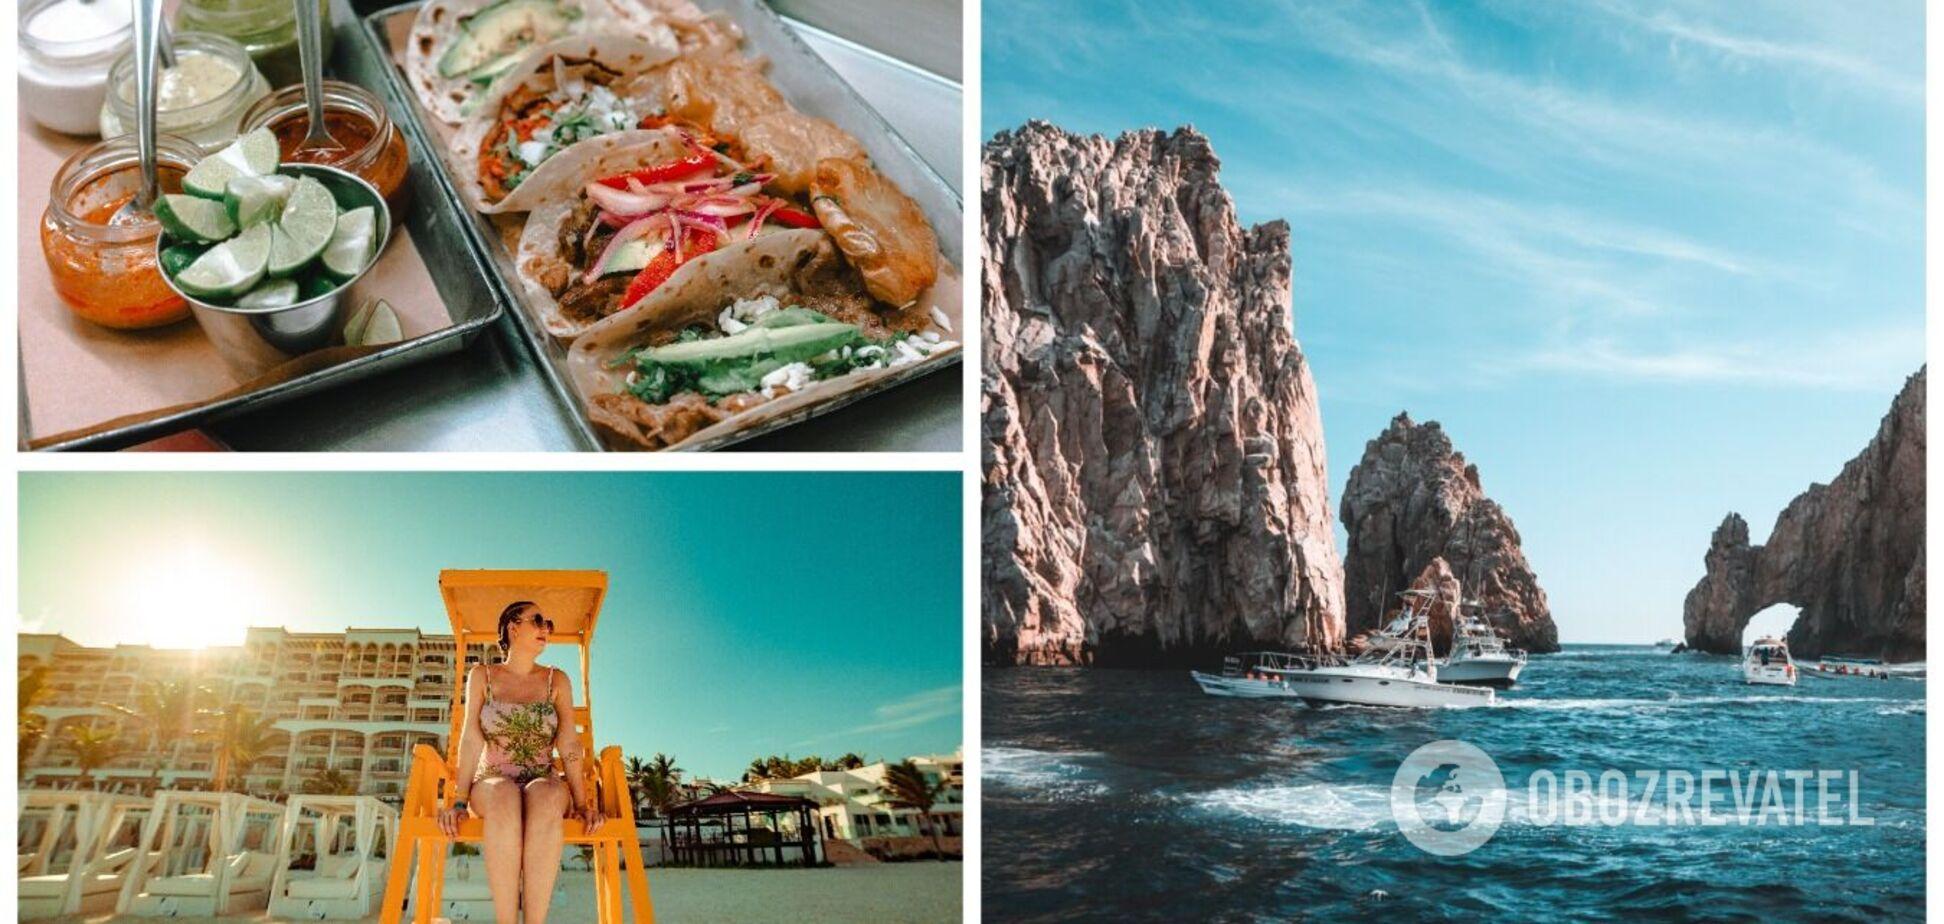 Поїздка в Мексику: скільки коштують тури, авіаквитки і найбюджетніші курорти